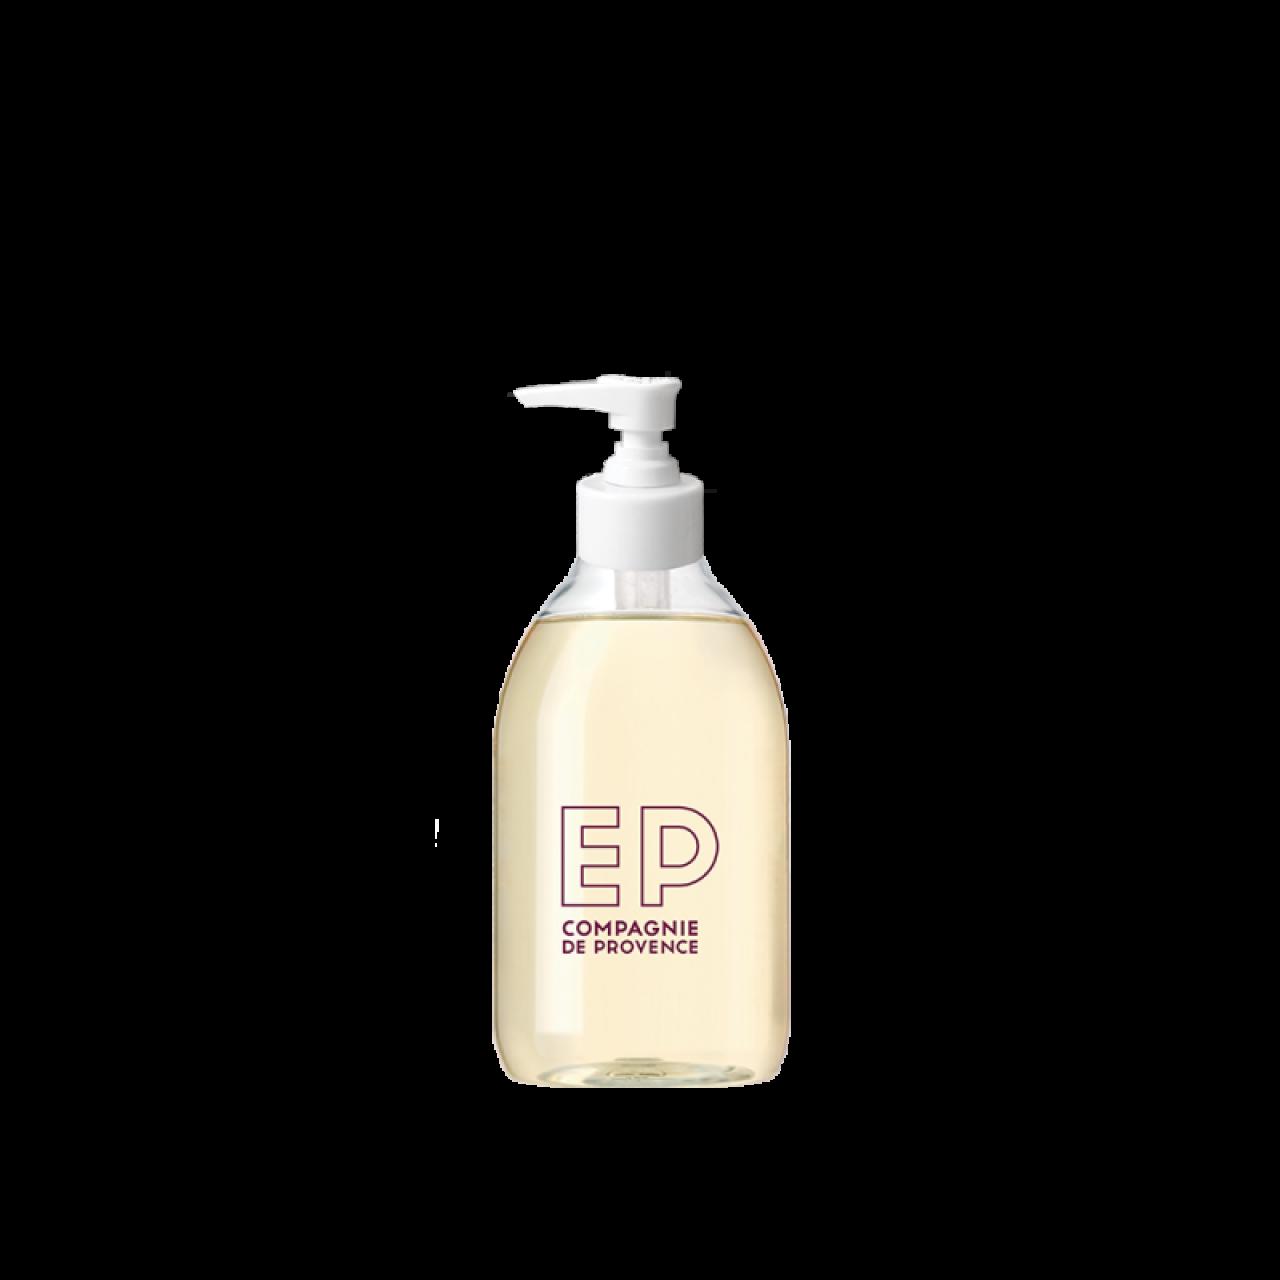 Sapone Liquido di Marsiglia al Fico di Provenza 300 ml Compagnie de Provence Italia CPPF0101SL300FI-01